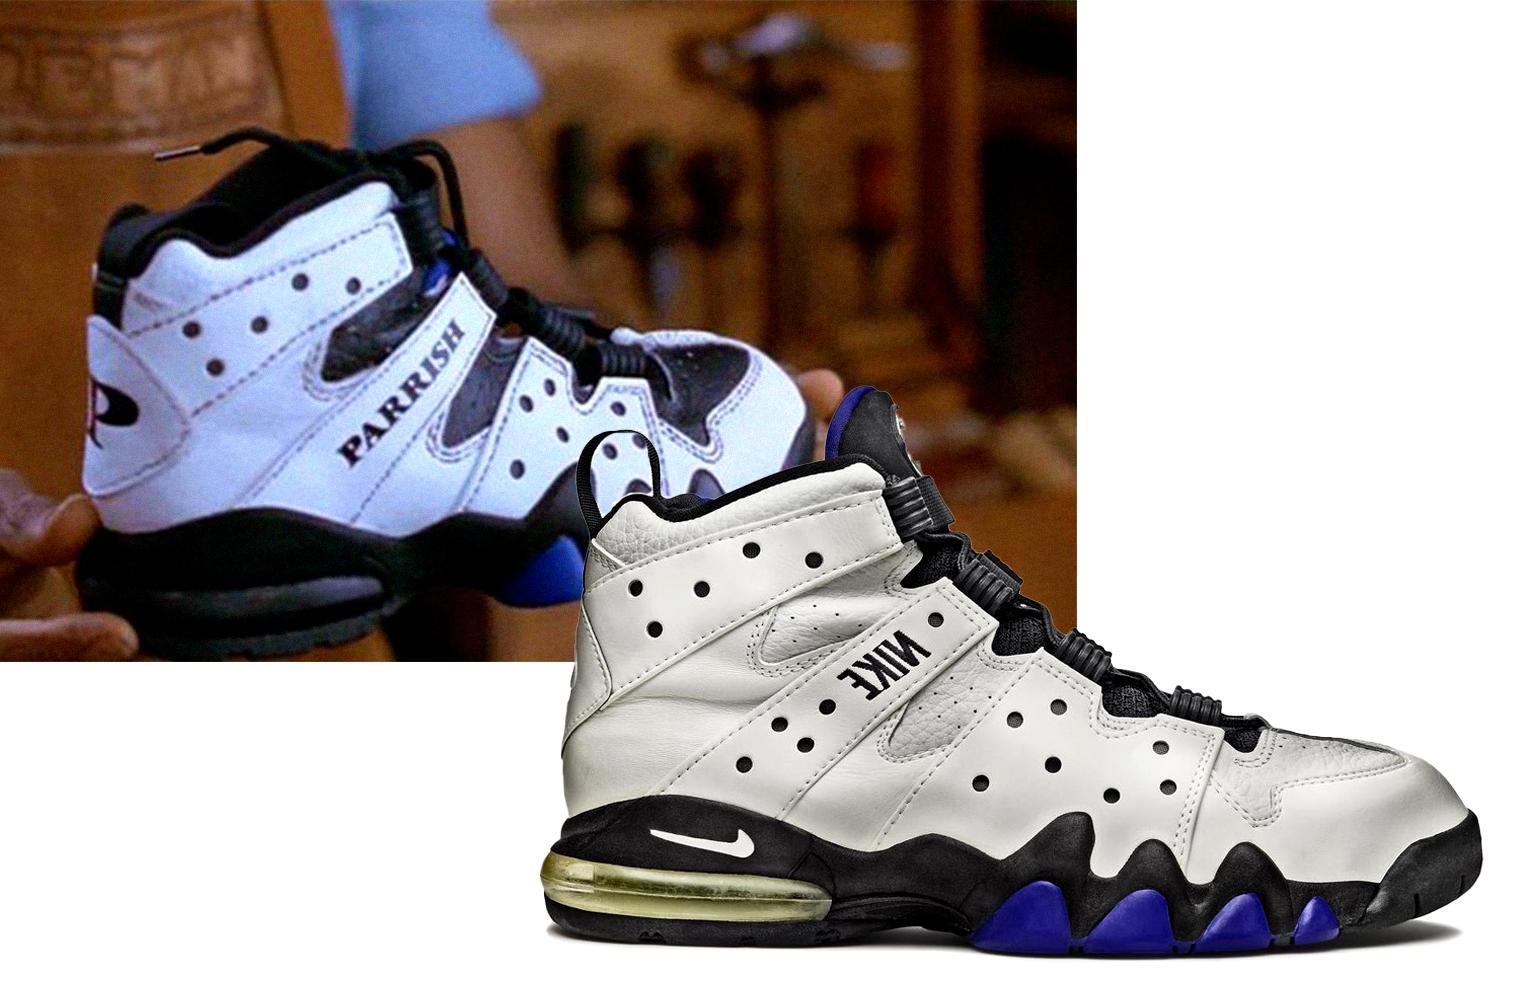 Кроссовки из фильма: Nike Air Max 2 CB 94 в «Джуманджи» (1995)